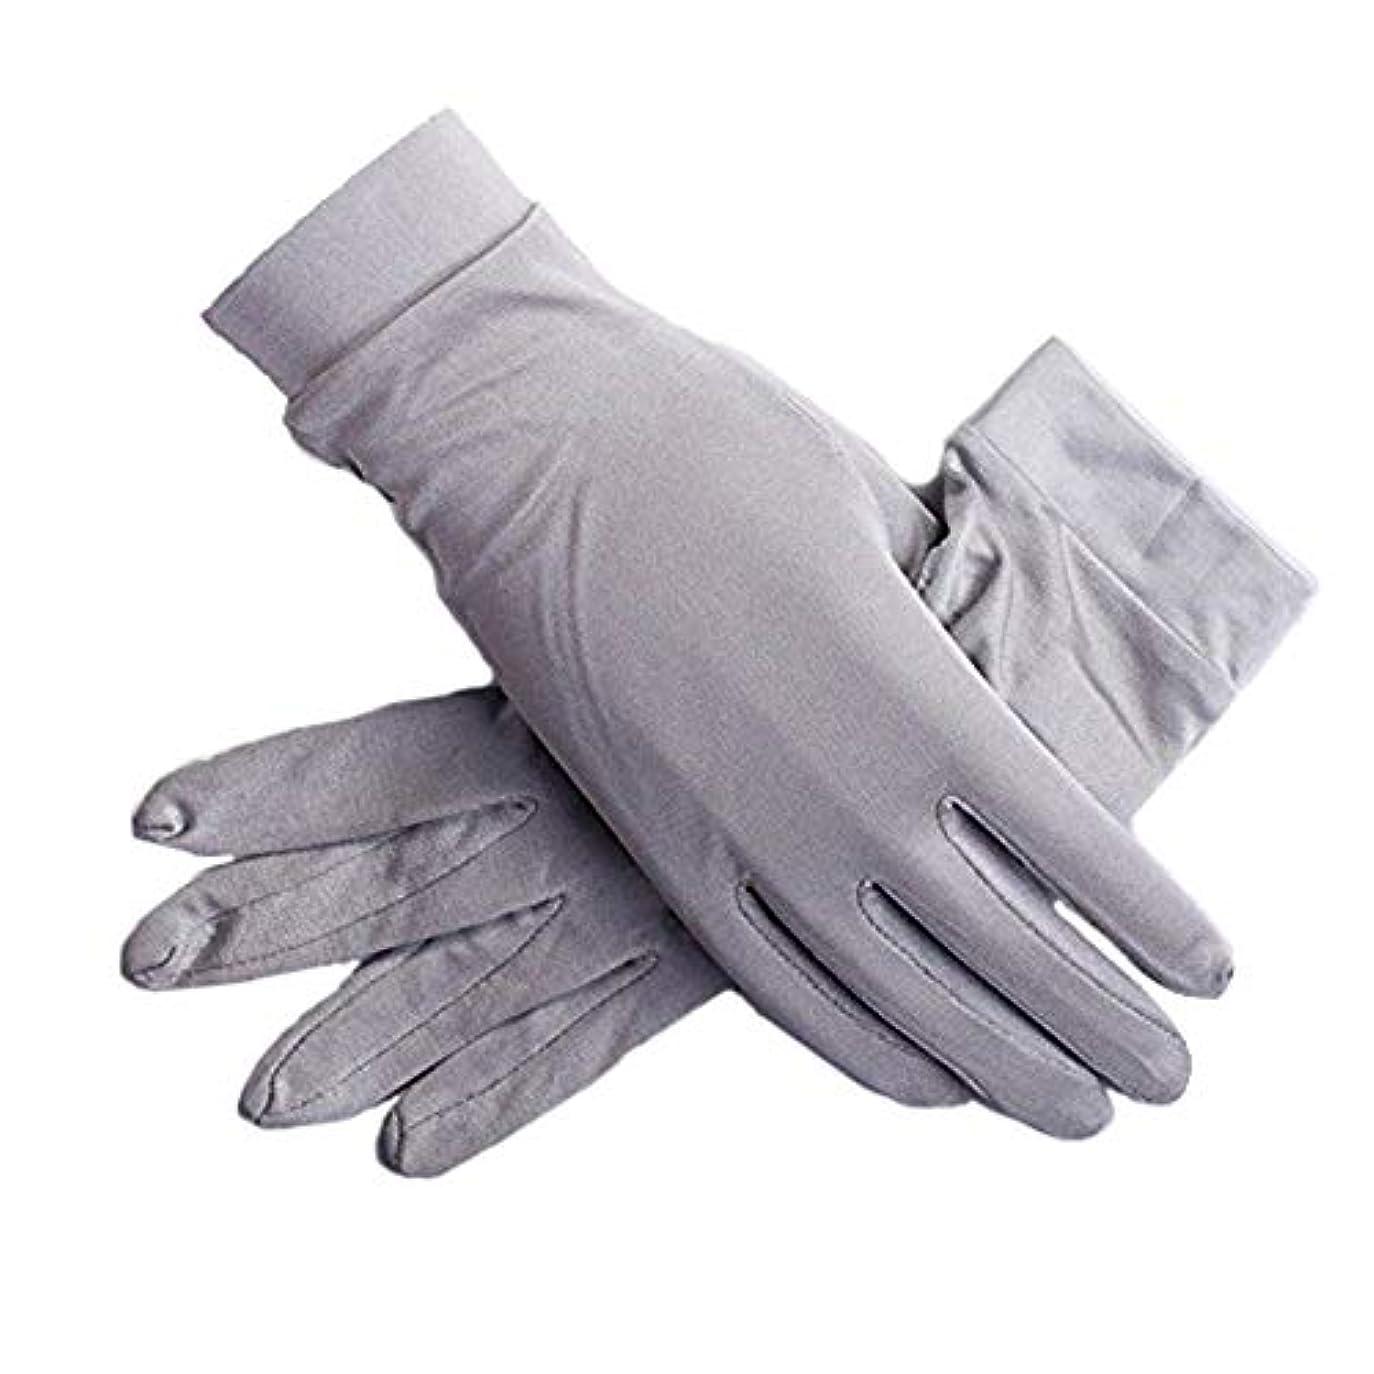 ホールドオール支配するキャラバンメンズ シルク手袋 手袋 シルク おやすみ 手触り夏 ハンド ケア レディース日焼け防止 が良い 紫外線 保湿